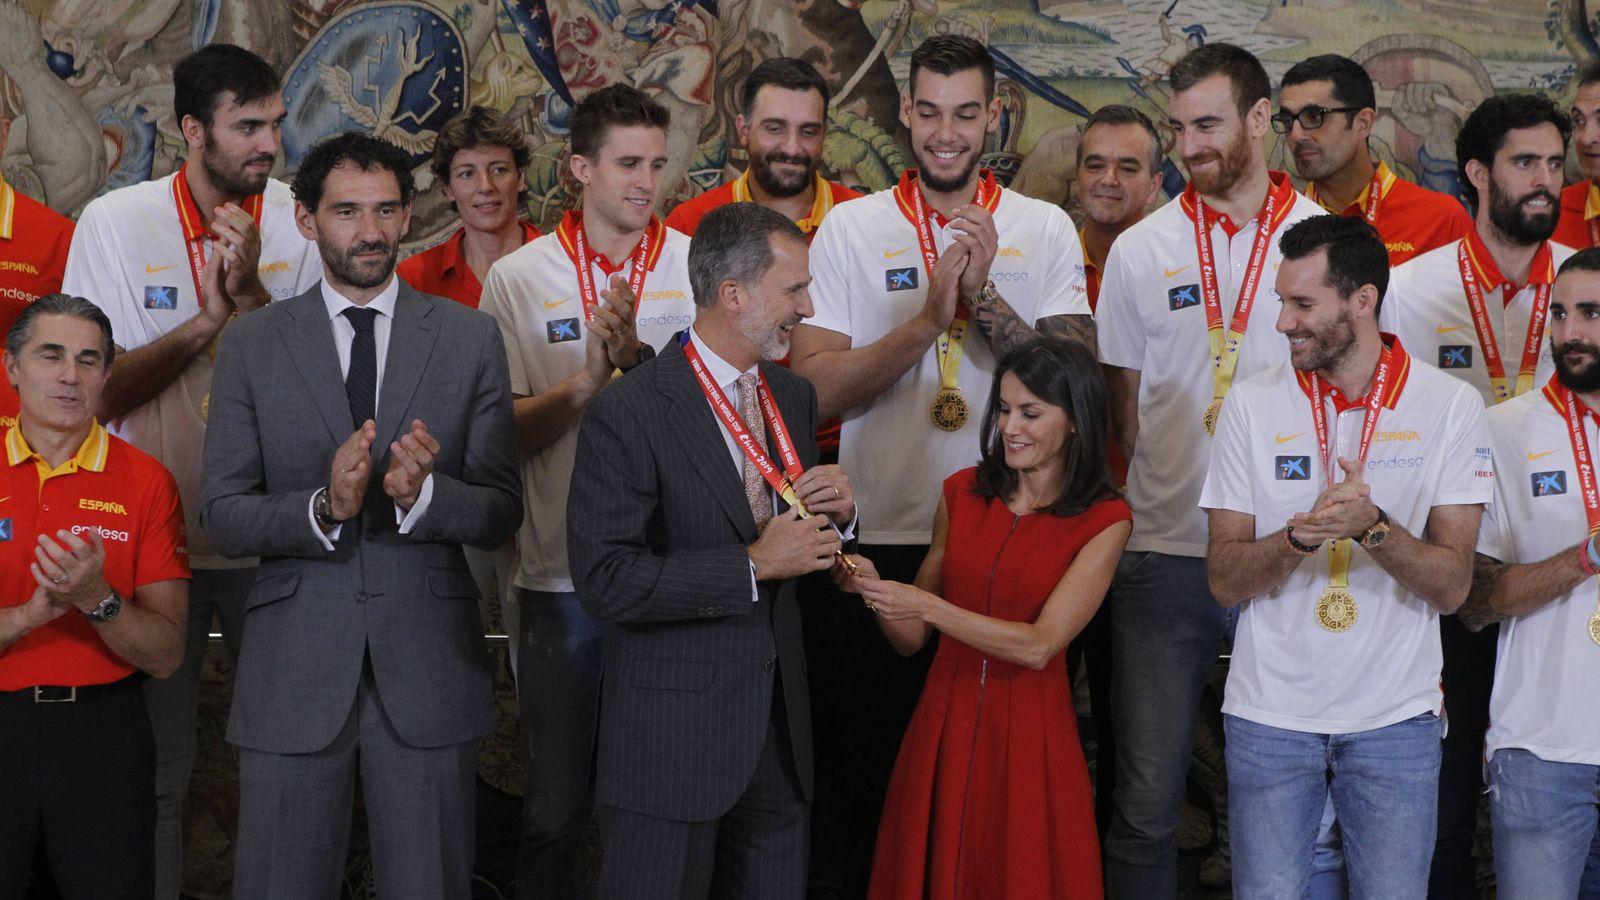 Foto: Los reyes Felipe y Letizia este lunes, con la Selección de Baloncesto. (Limited Pictured)